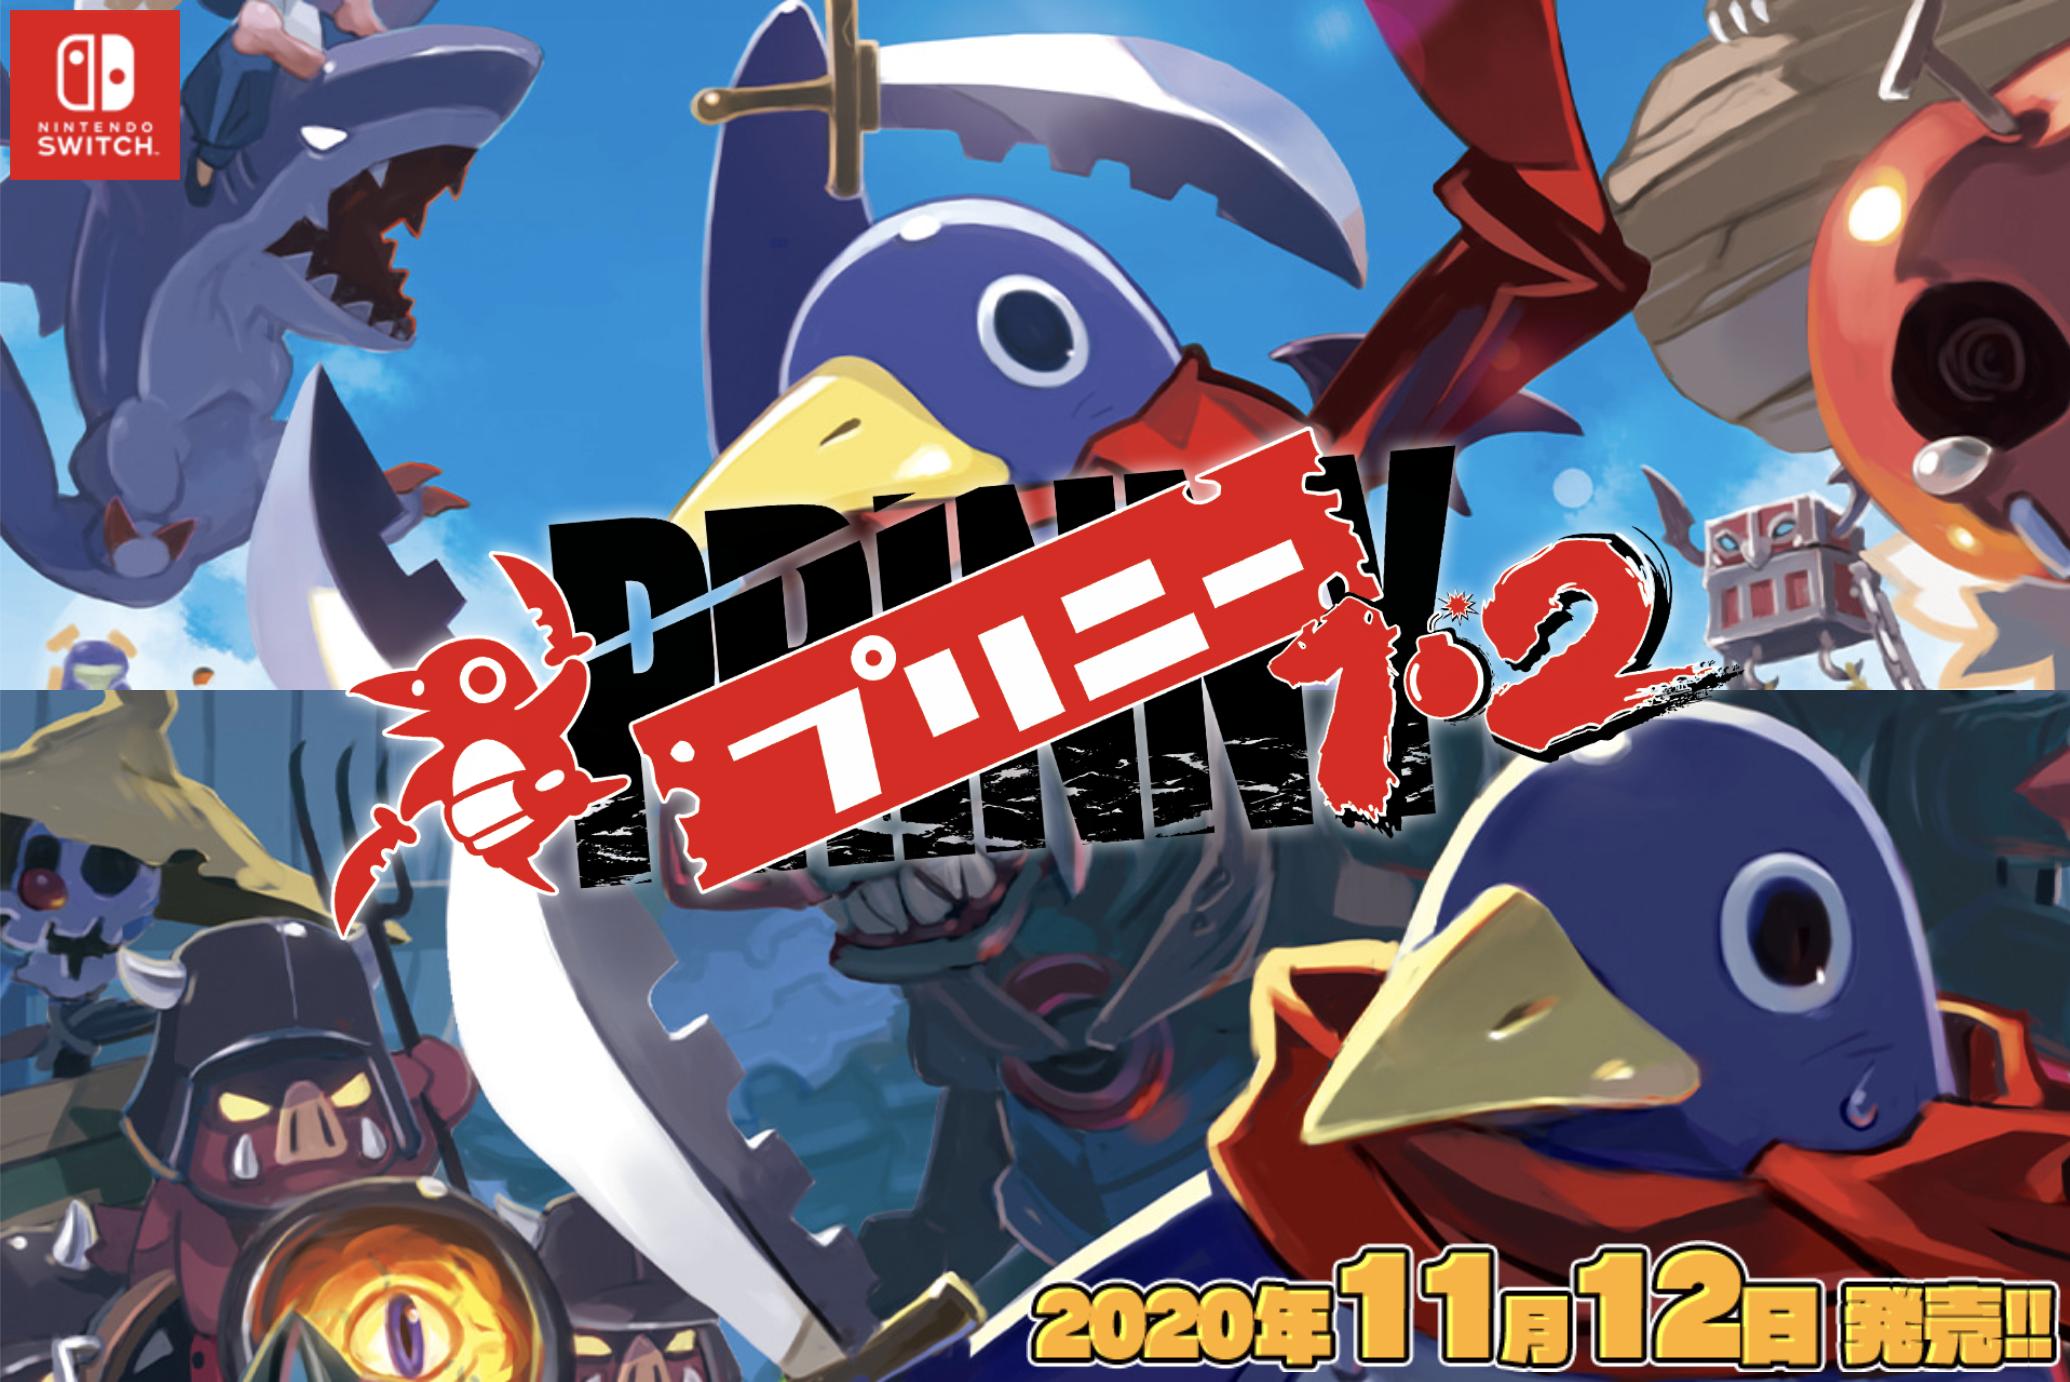 【プリニー1・2】Switchの発売日はいつ?予約特典と最新情報